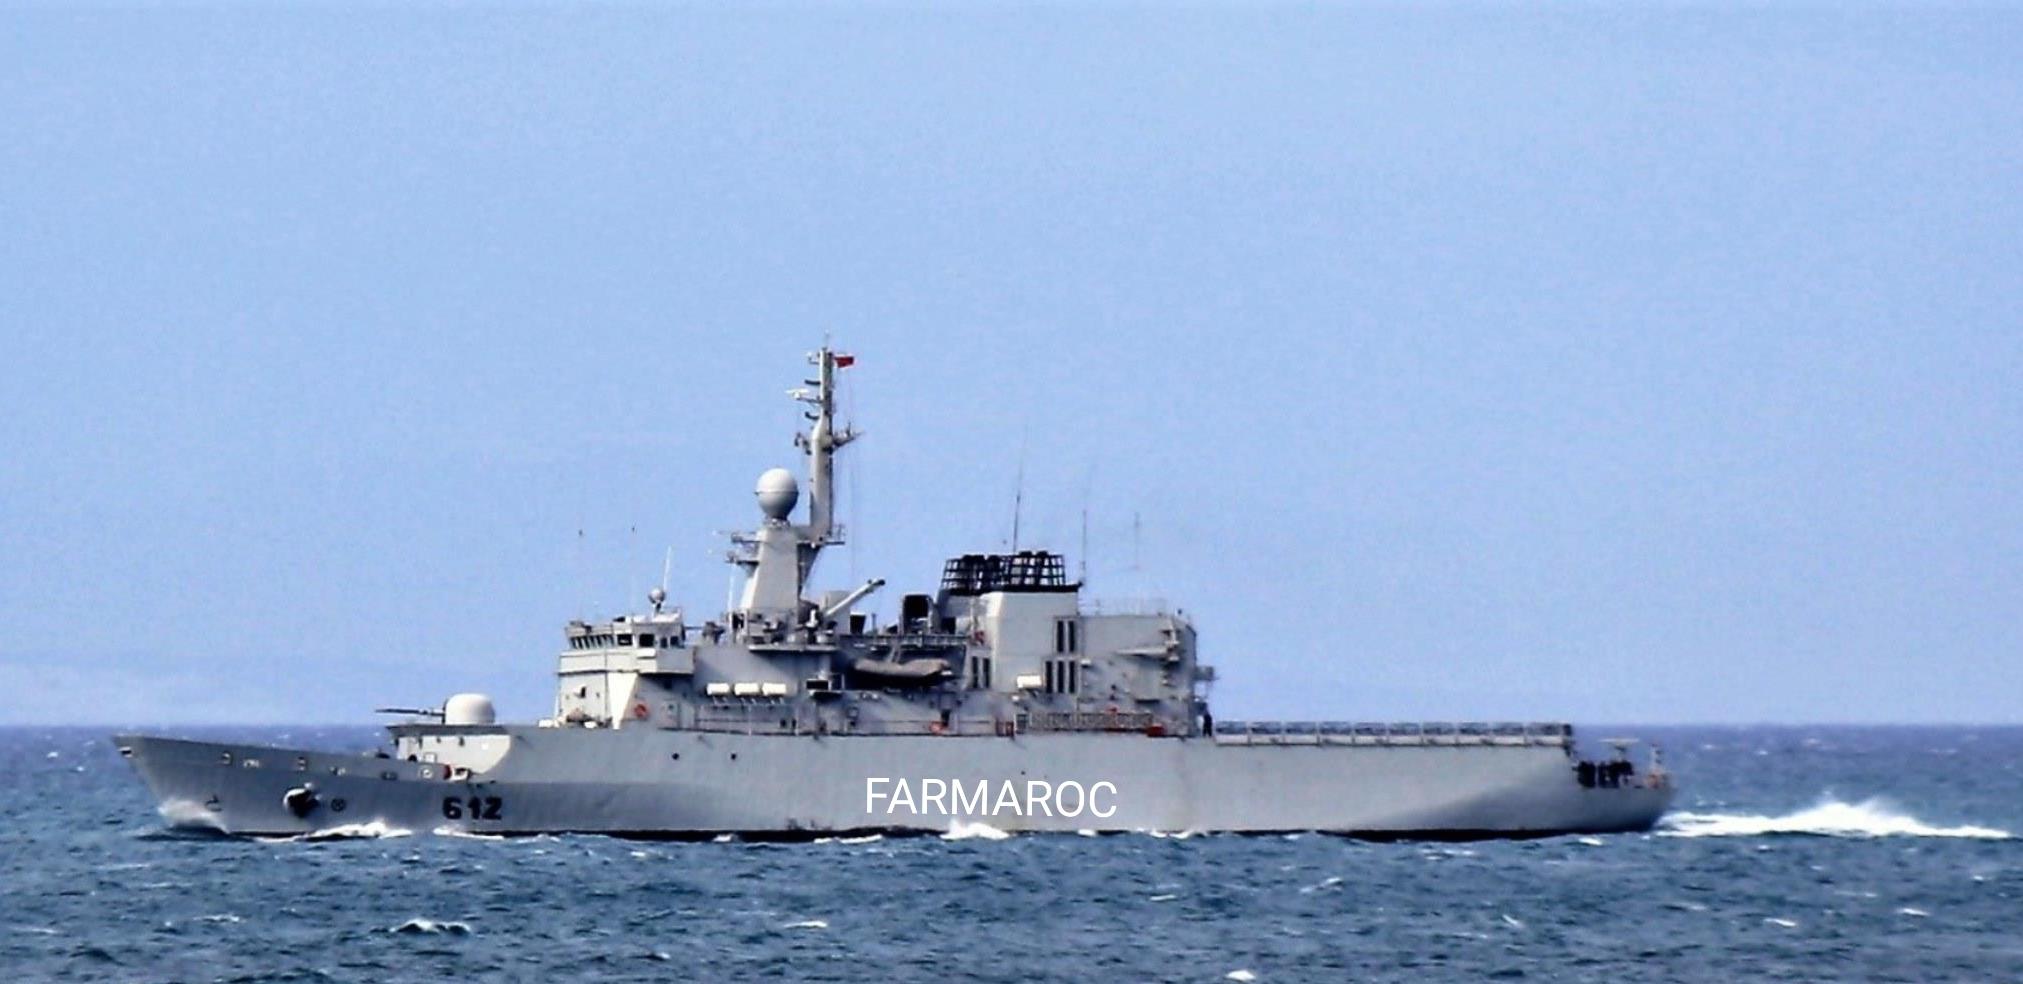 Royal Moroccan Navy Floréal Frigates / Frégates Floréal Marocaines - Page 13 42340224612_d9ed080066_o